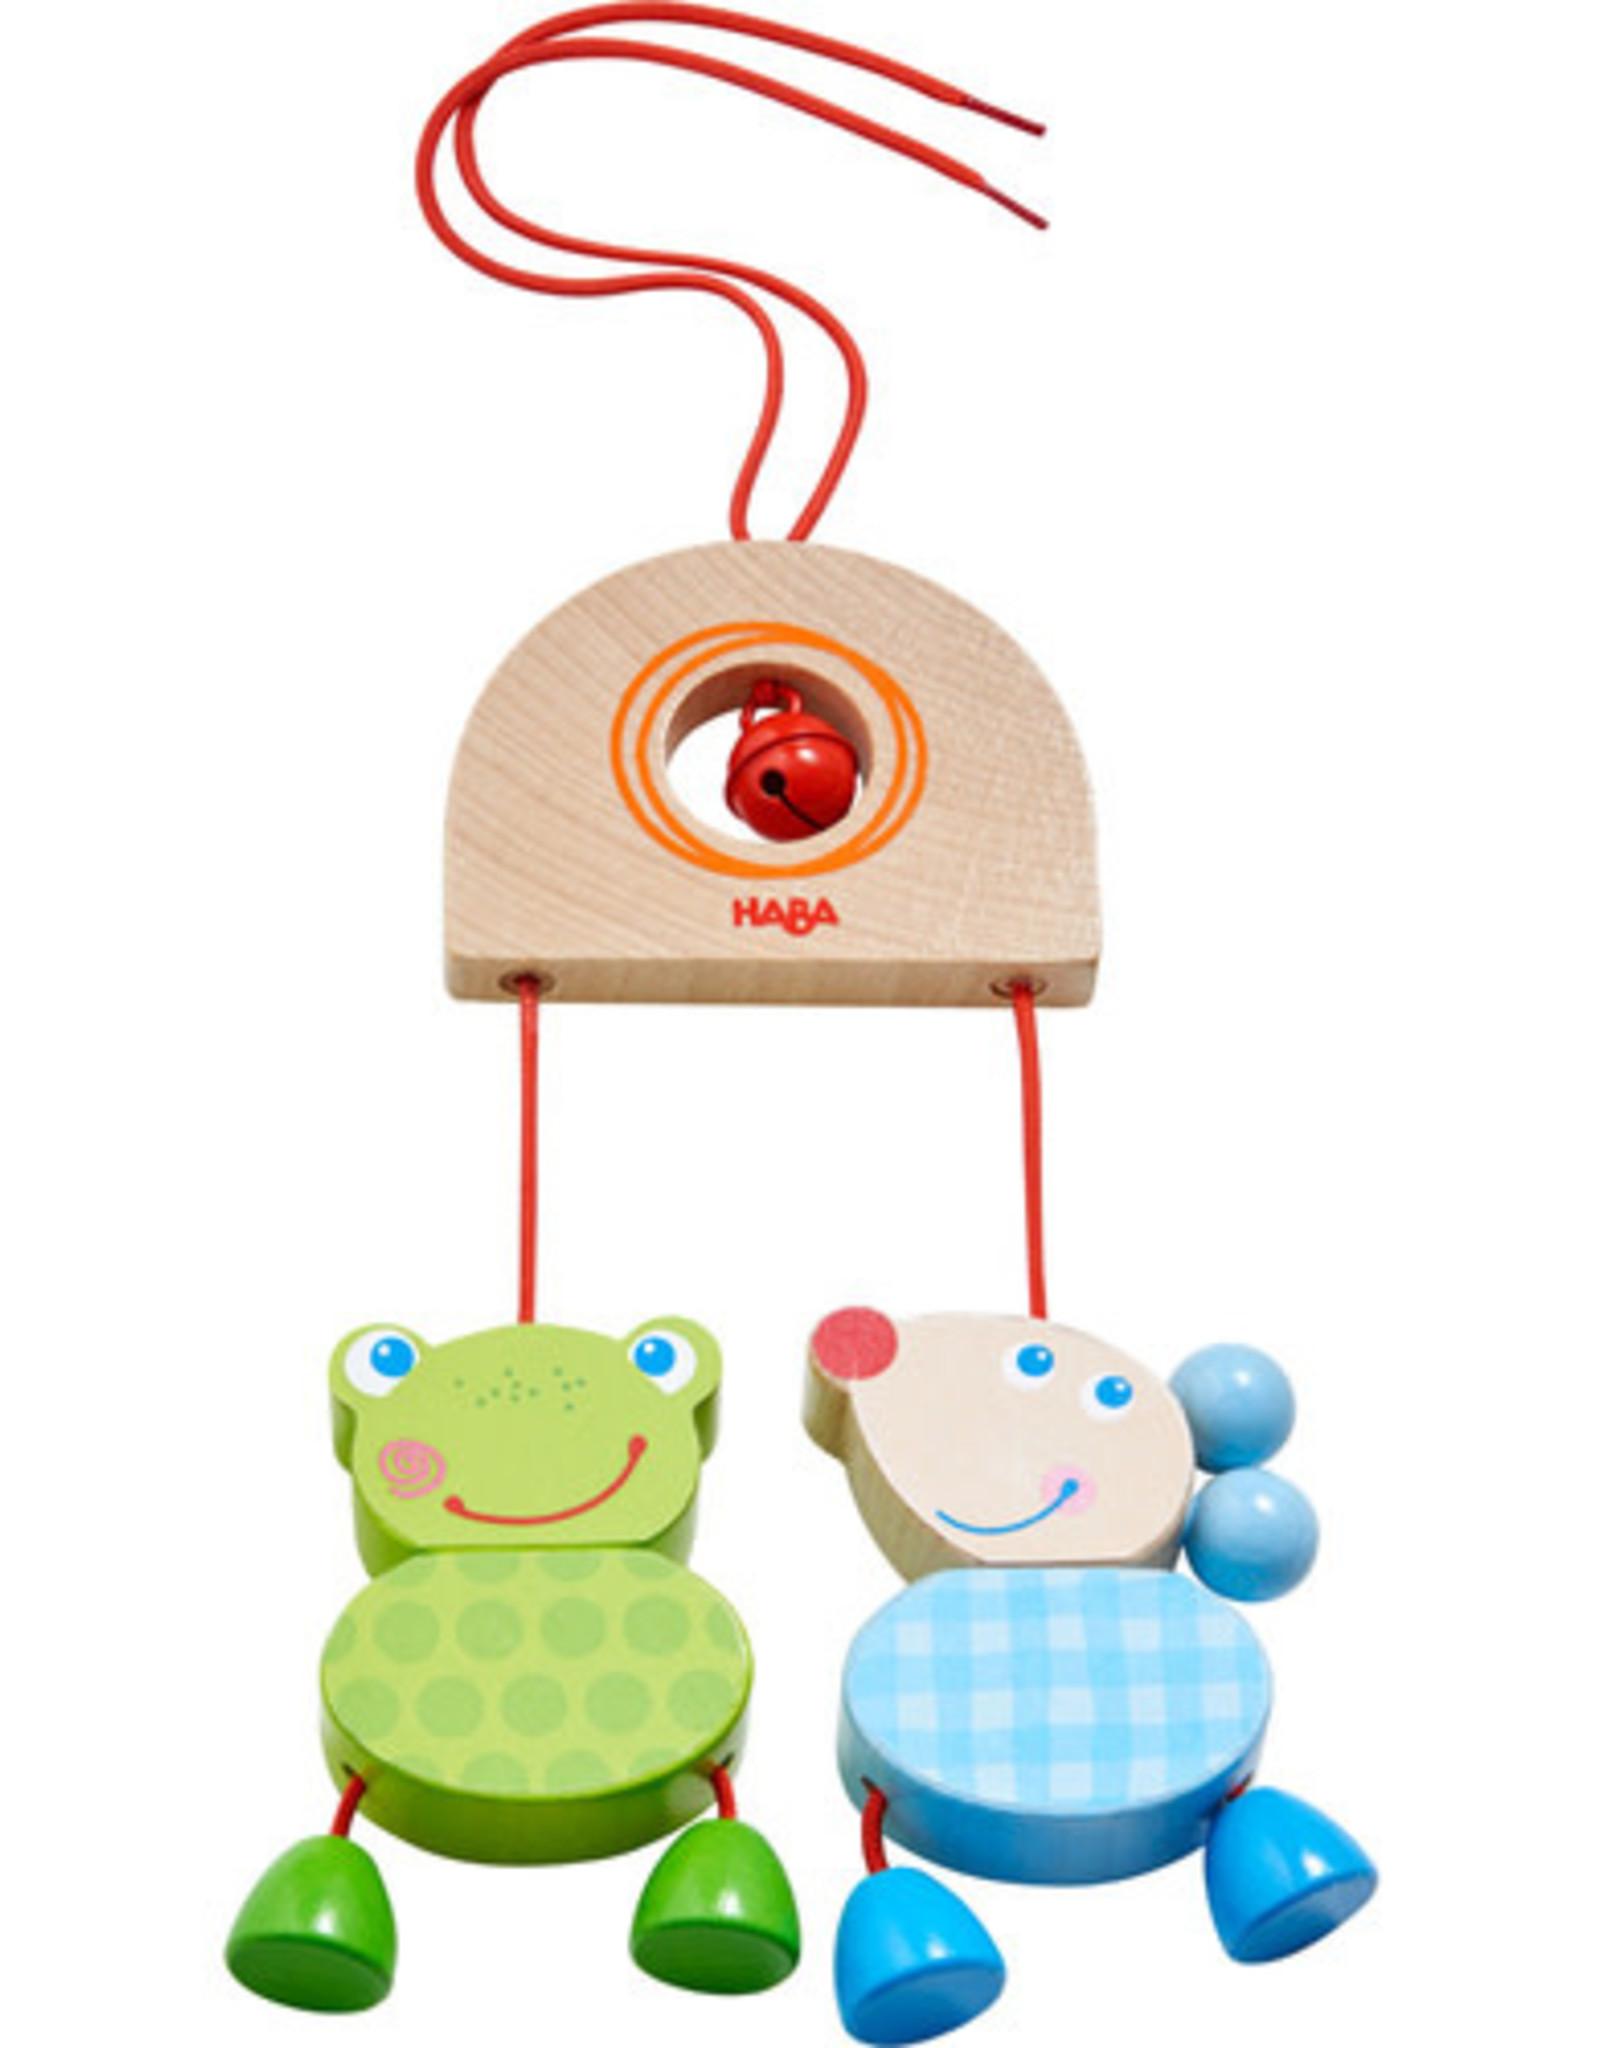 Haba Mouse Frog Duo Dangling Figure